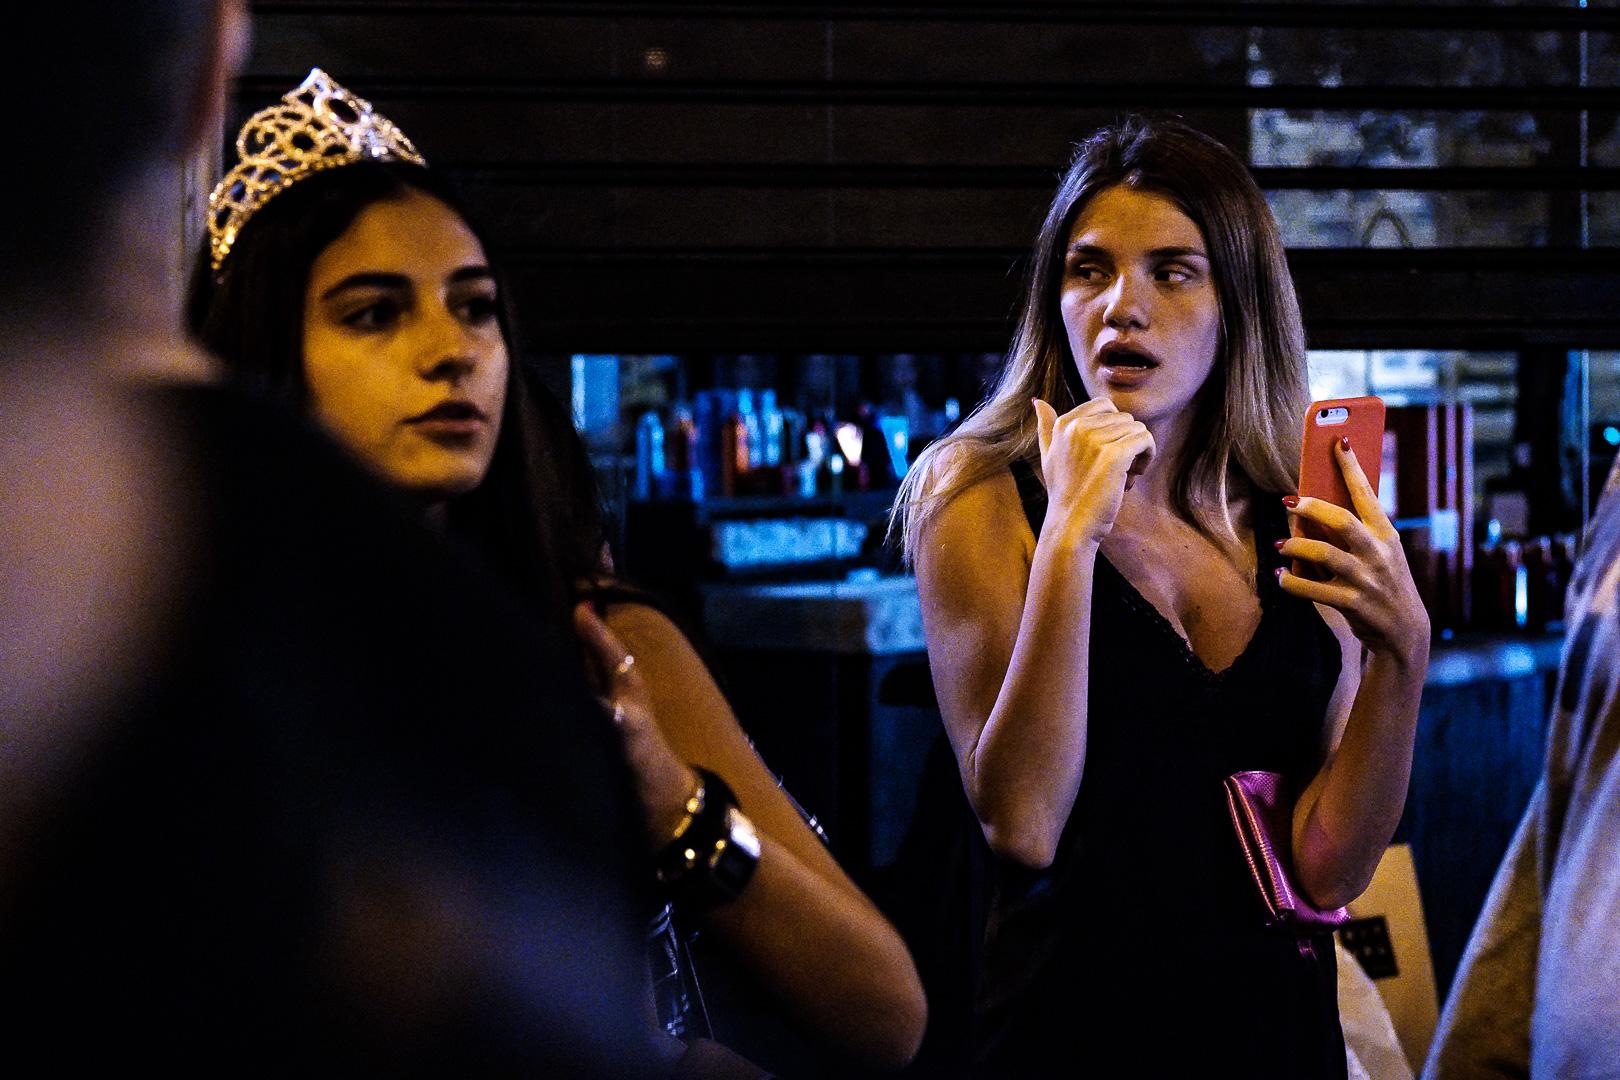 curso-street-photography-valencia-rober-tomas10